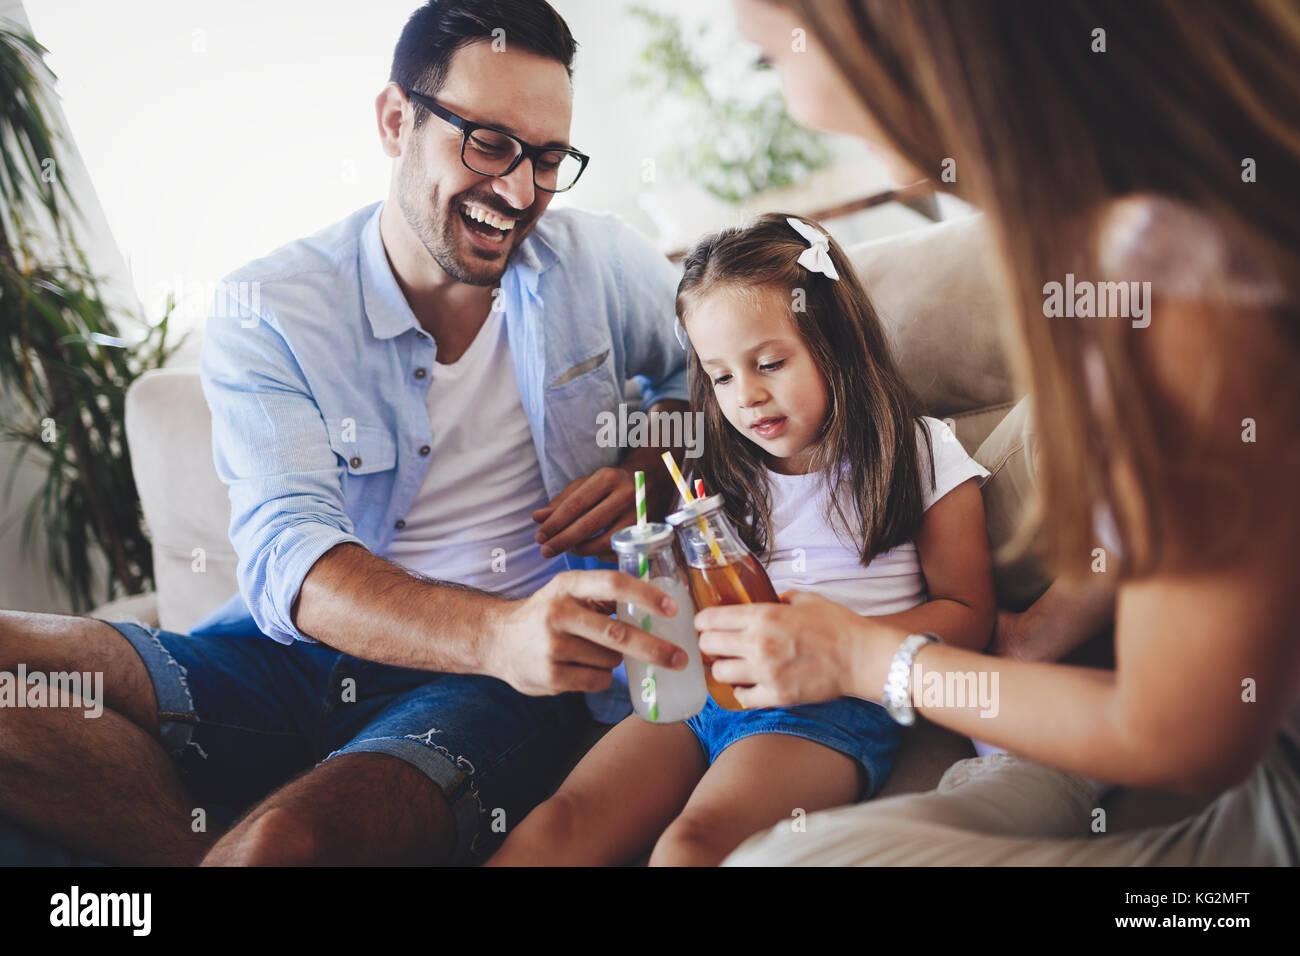 Boire du jus de la famille heureux ensemble dans leur maison Photo Stock